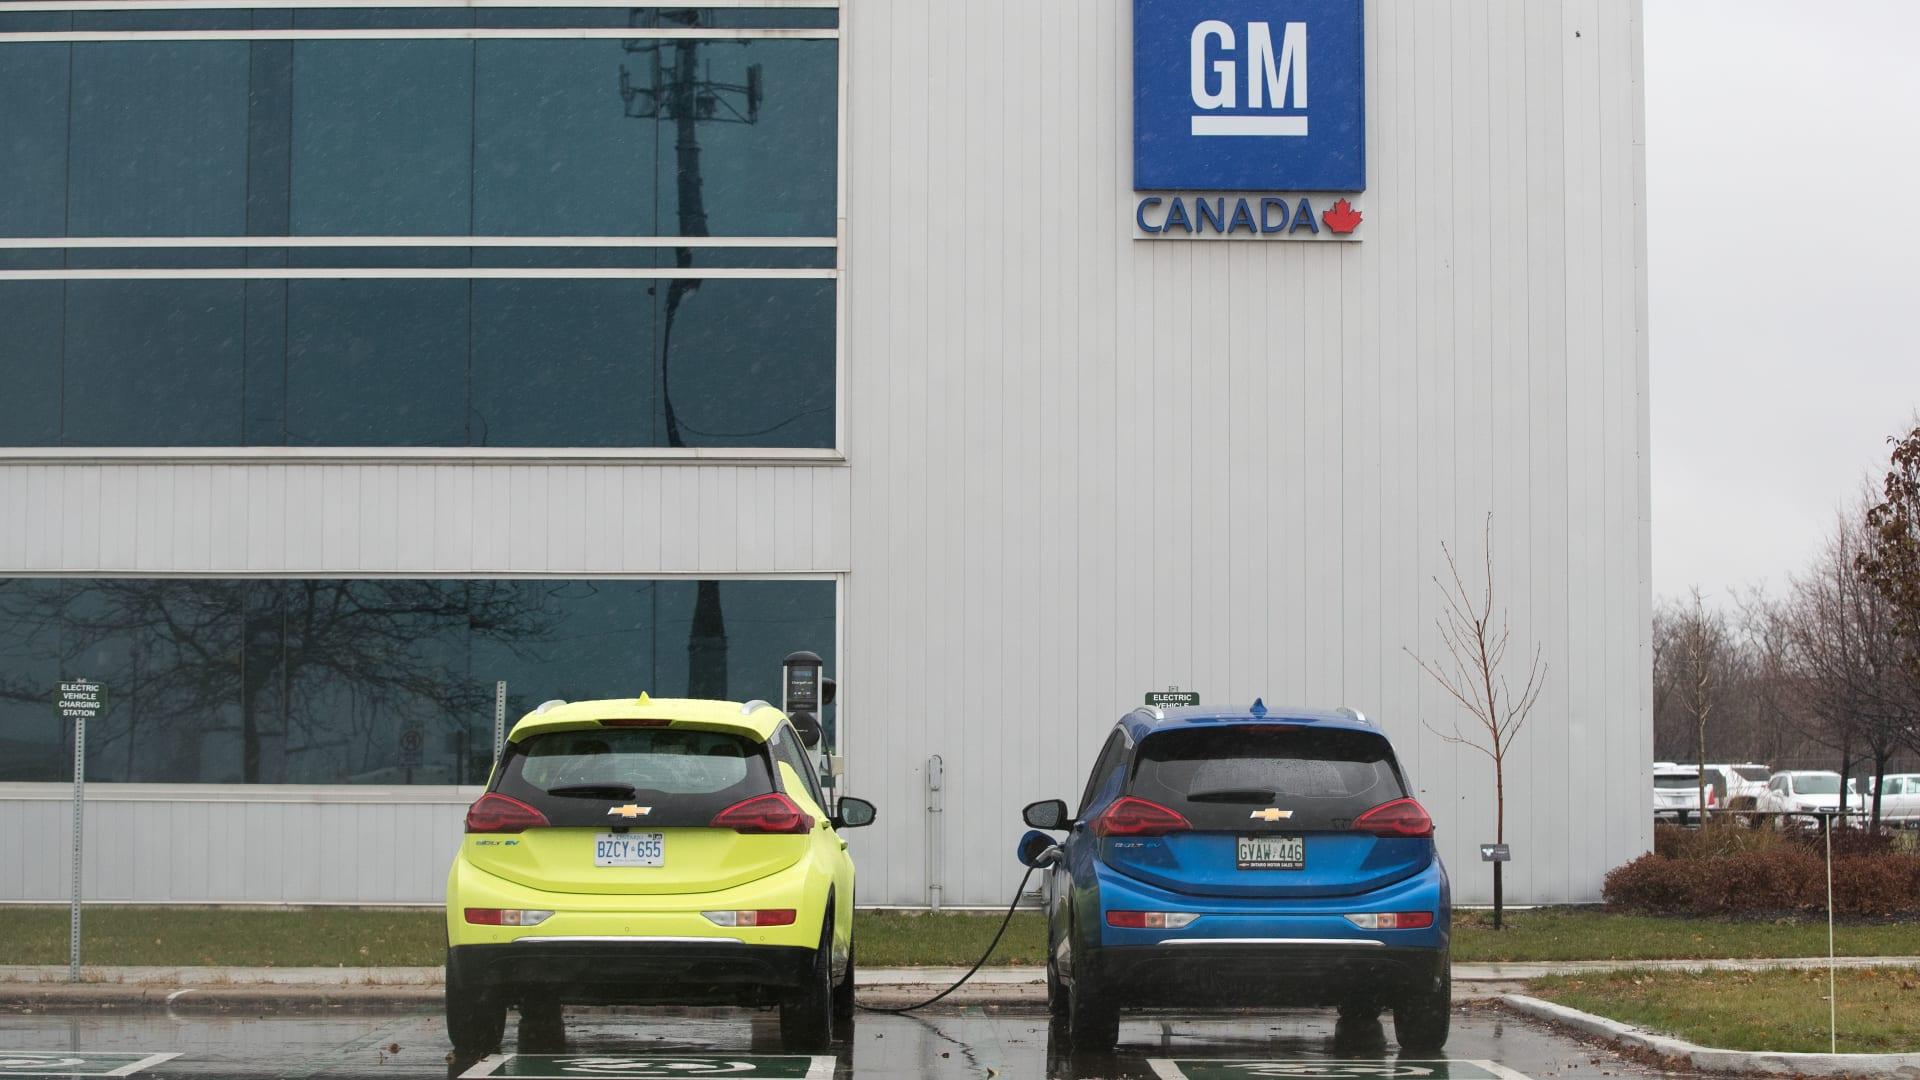 جنرال موتورز تخفض الموظفين والأجور وتغلق بعض مصانعها.. لماذا؟